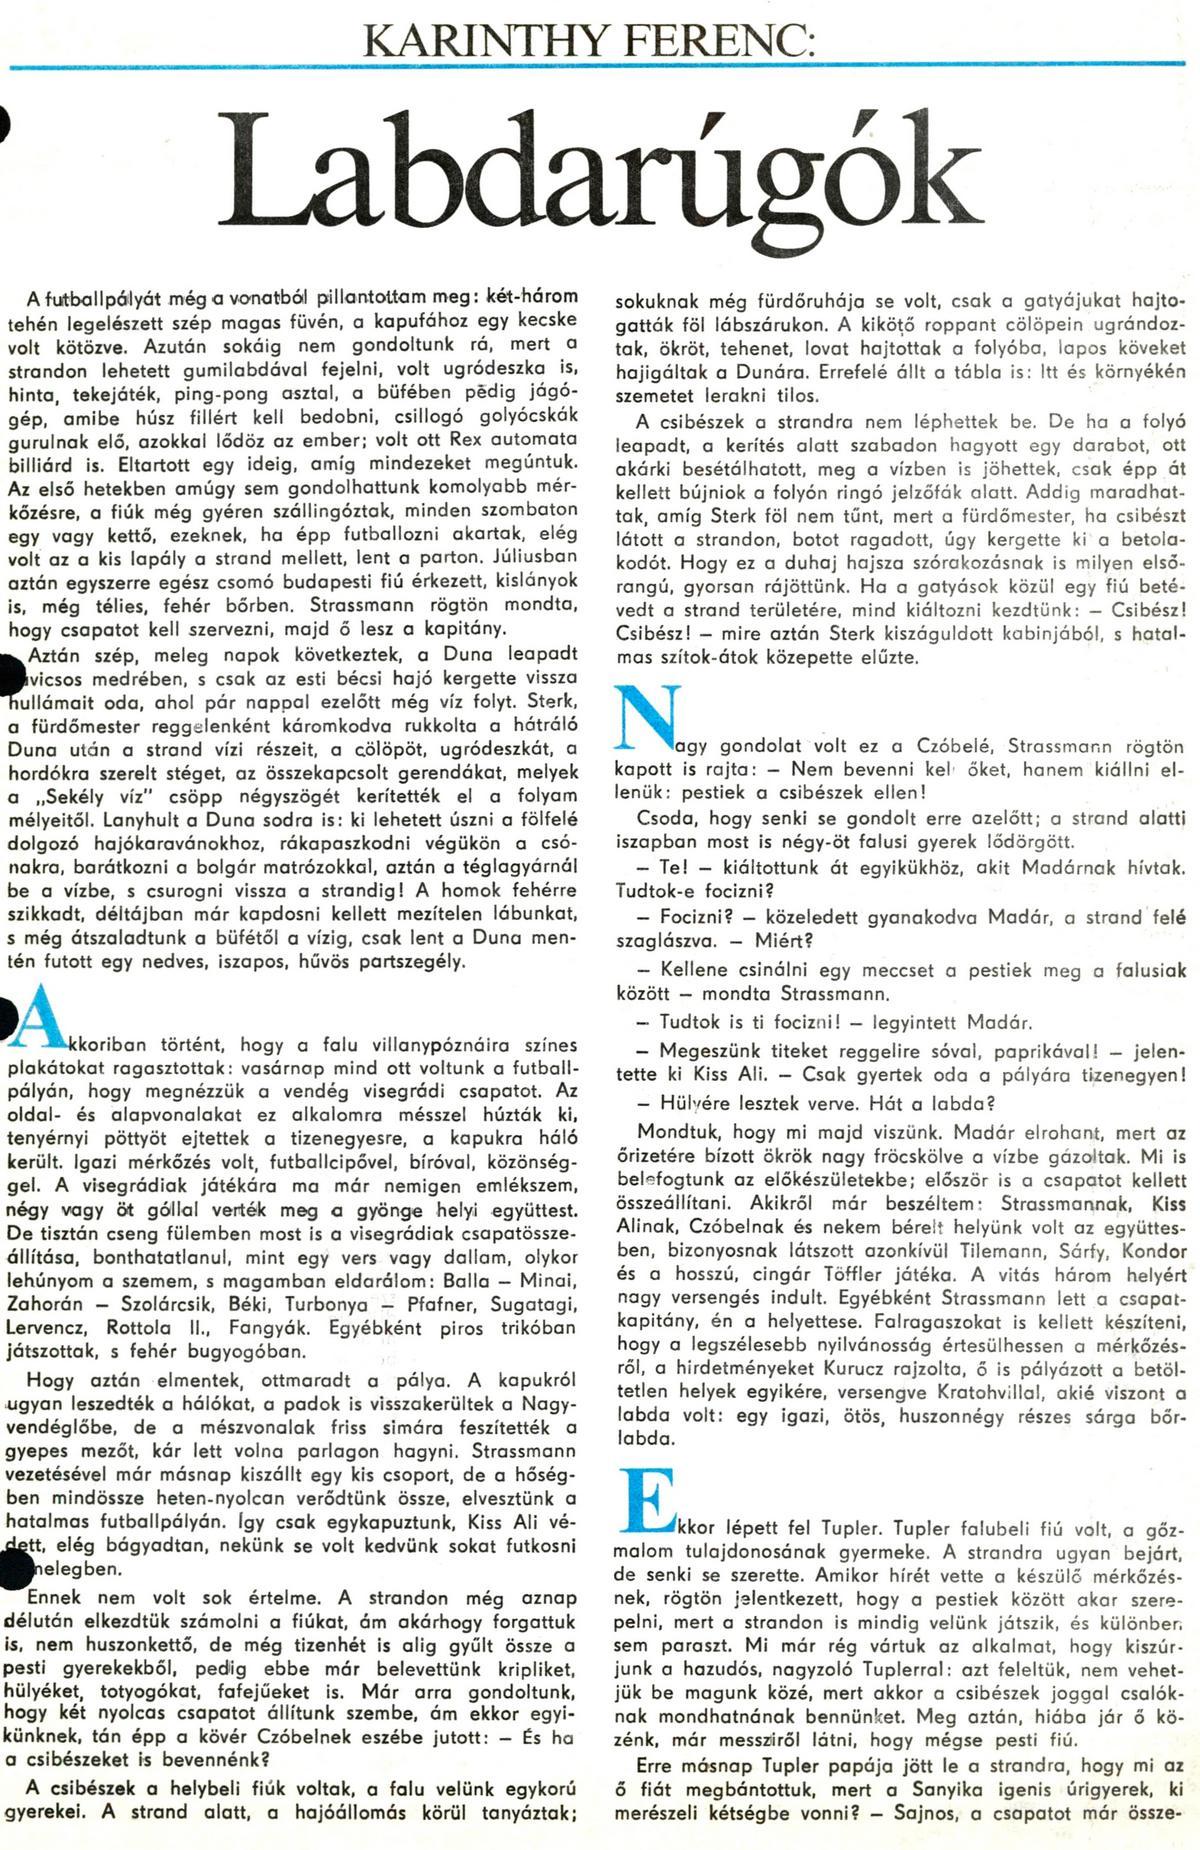 Labdarugas-1982-02-0025